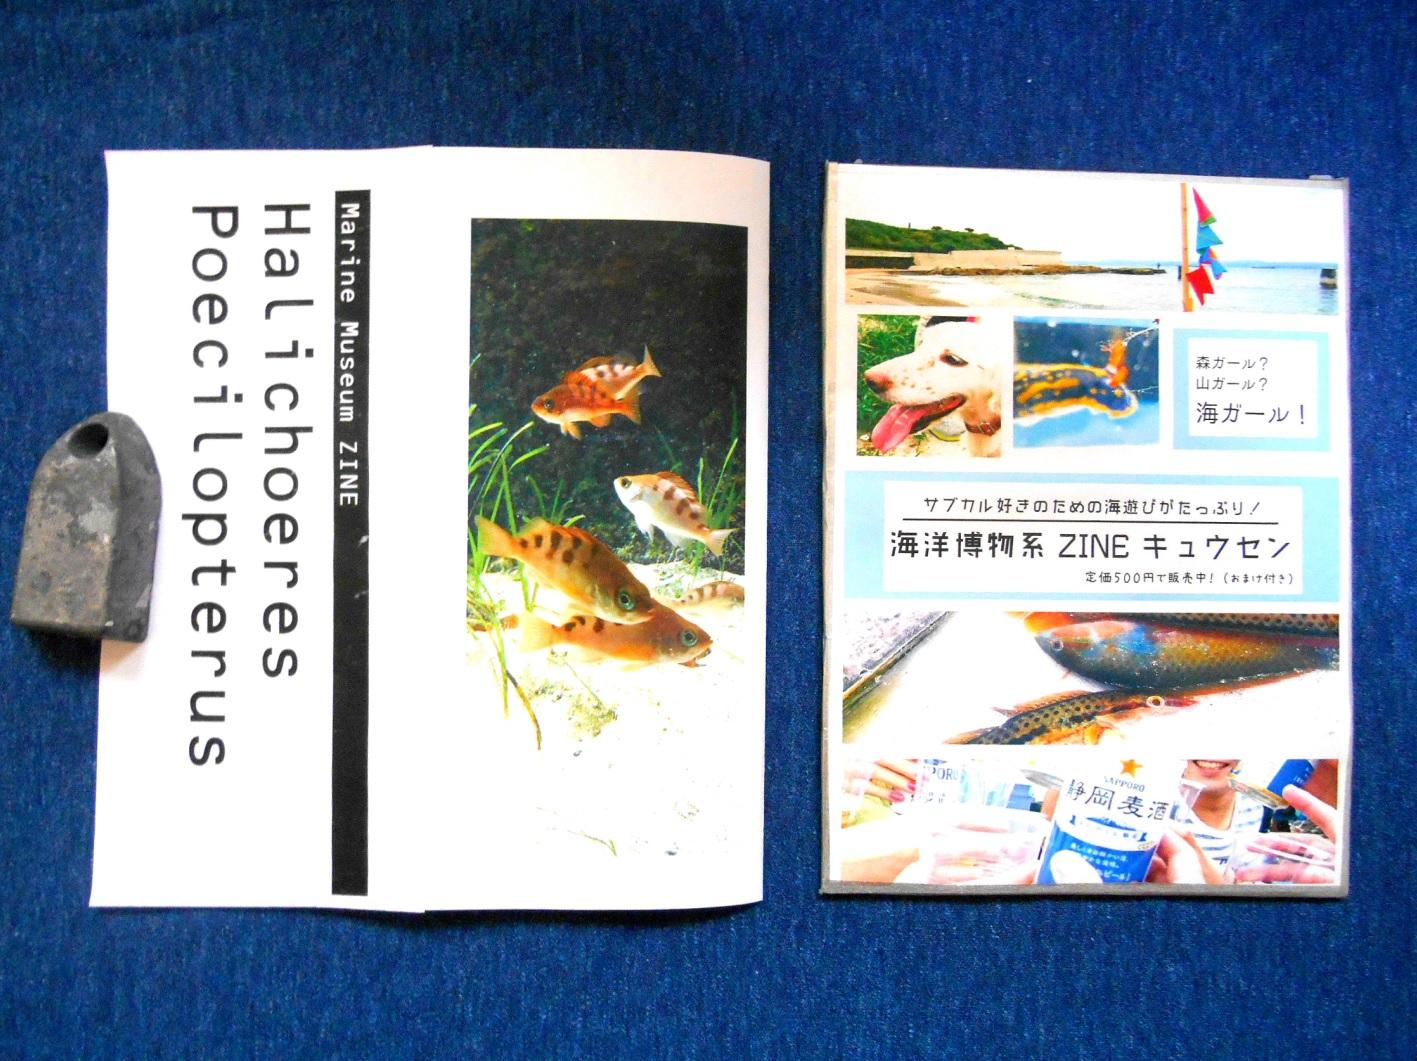 2016_海洋博物系ZINE キュウセン_03